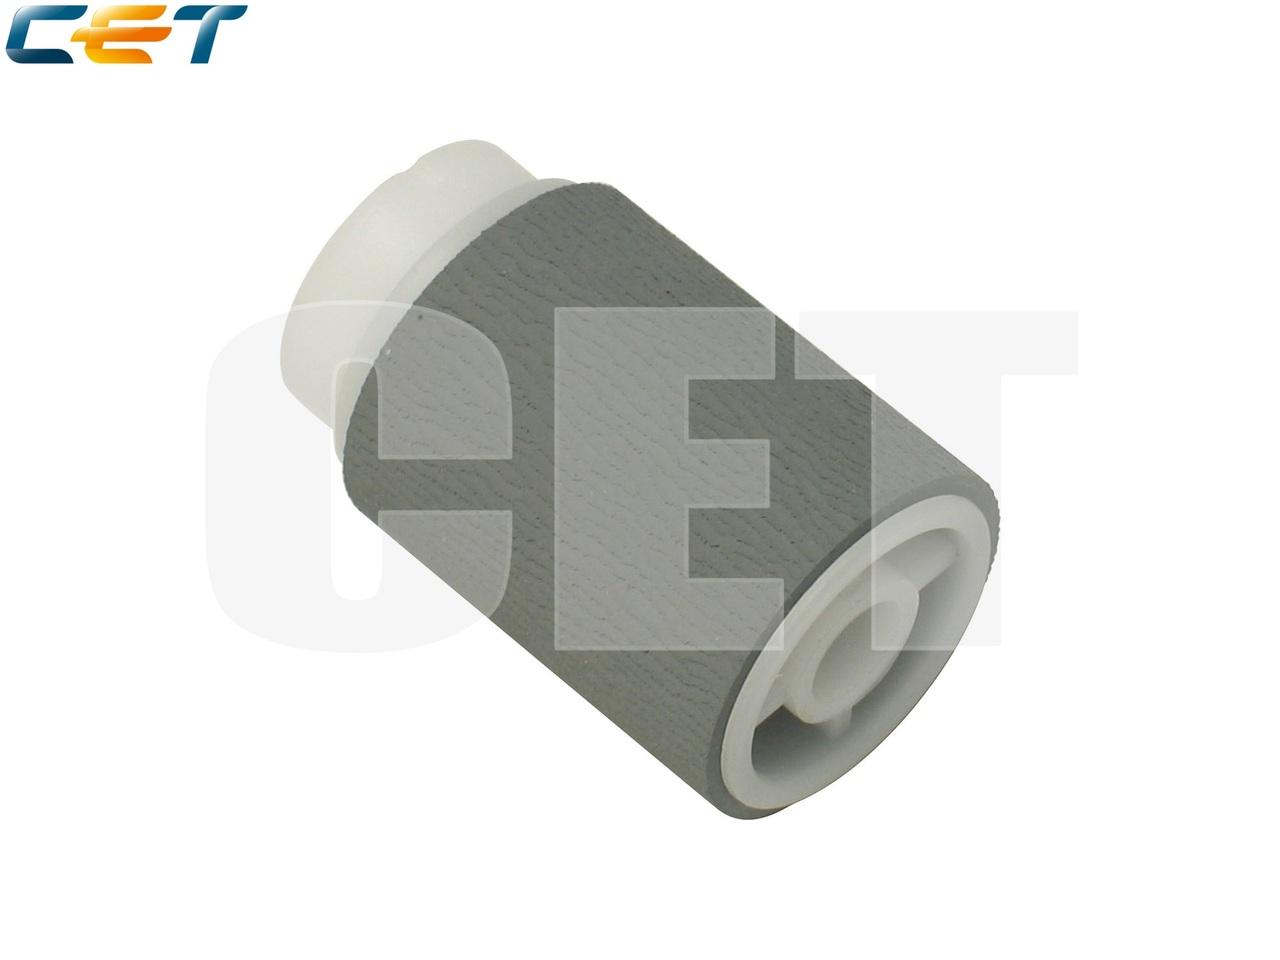 Ролик отделения 41304047100 для TOSHIBA E-Studio2040C/2540C/3040C/3540C/4540C (CET), CET7777